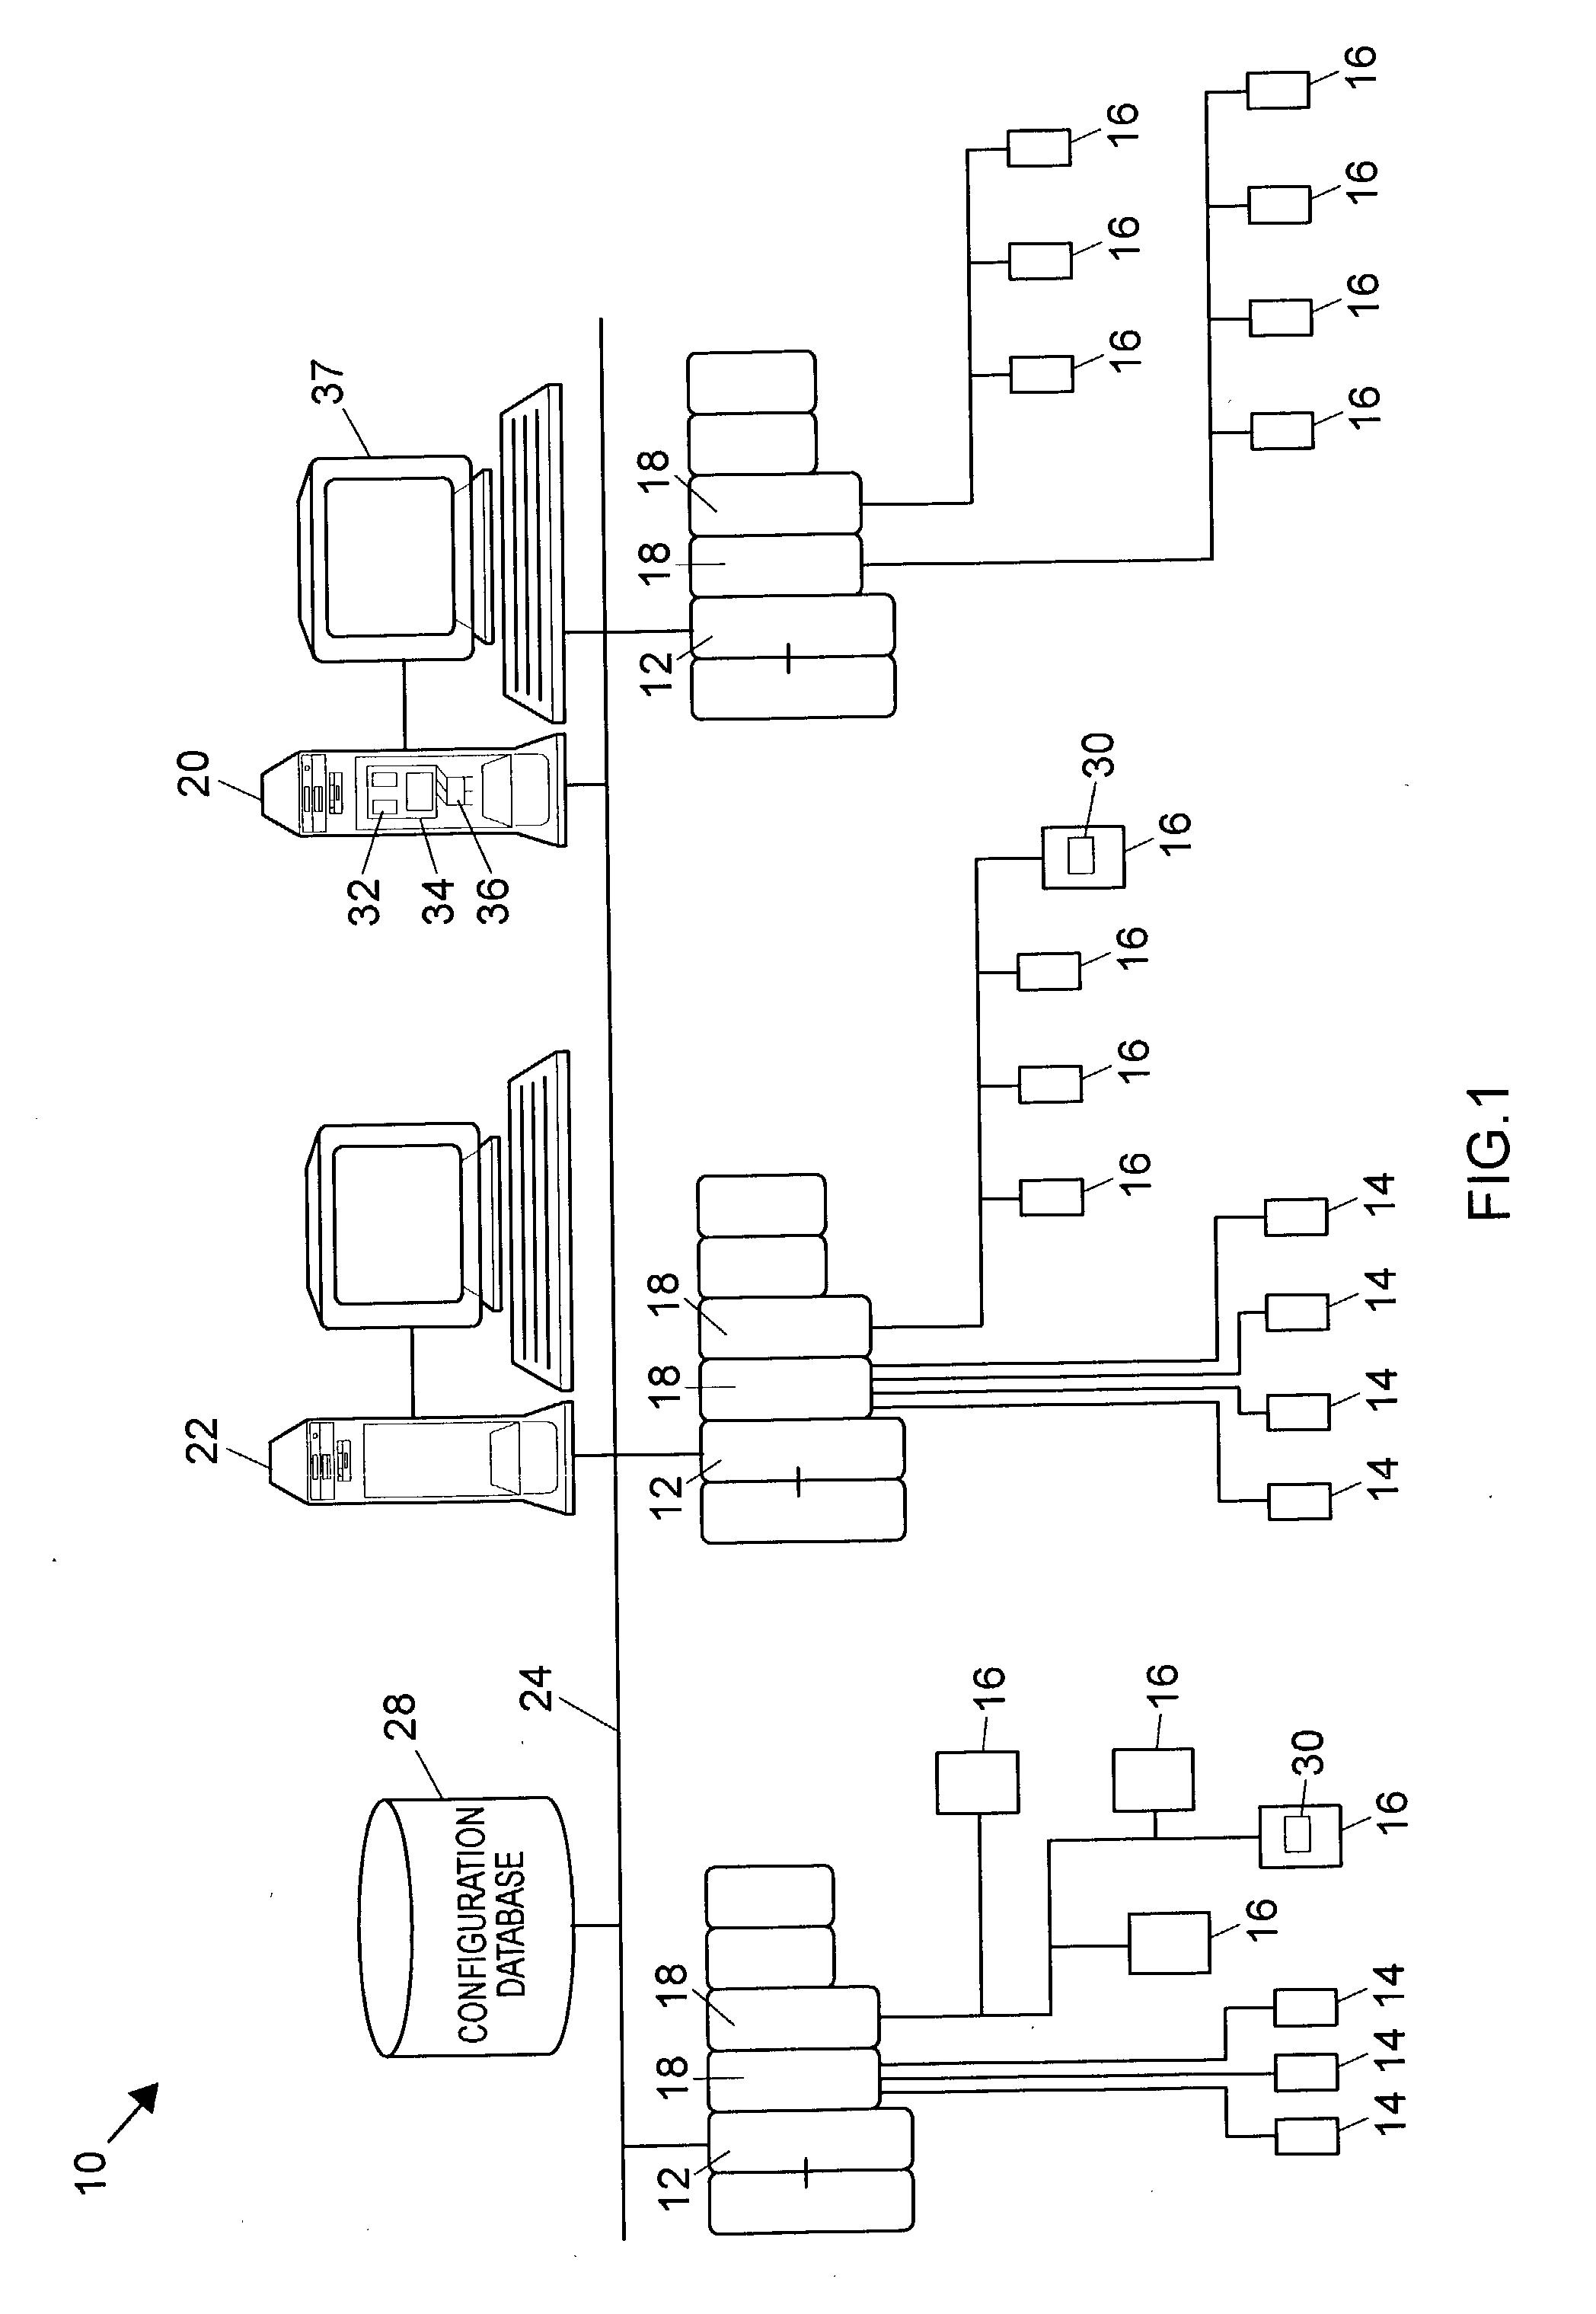 patent us20040075689